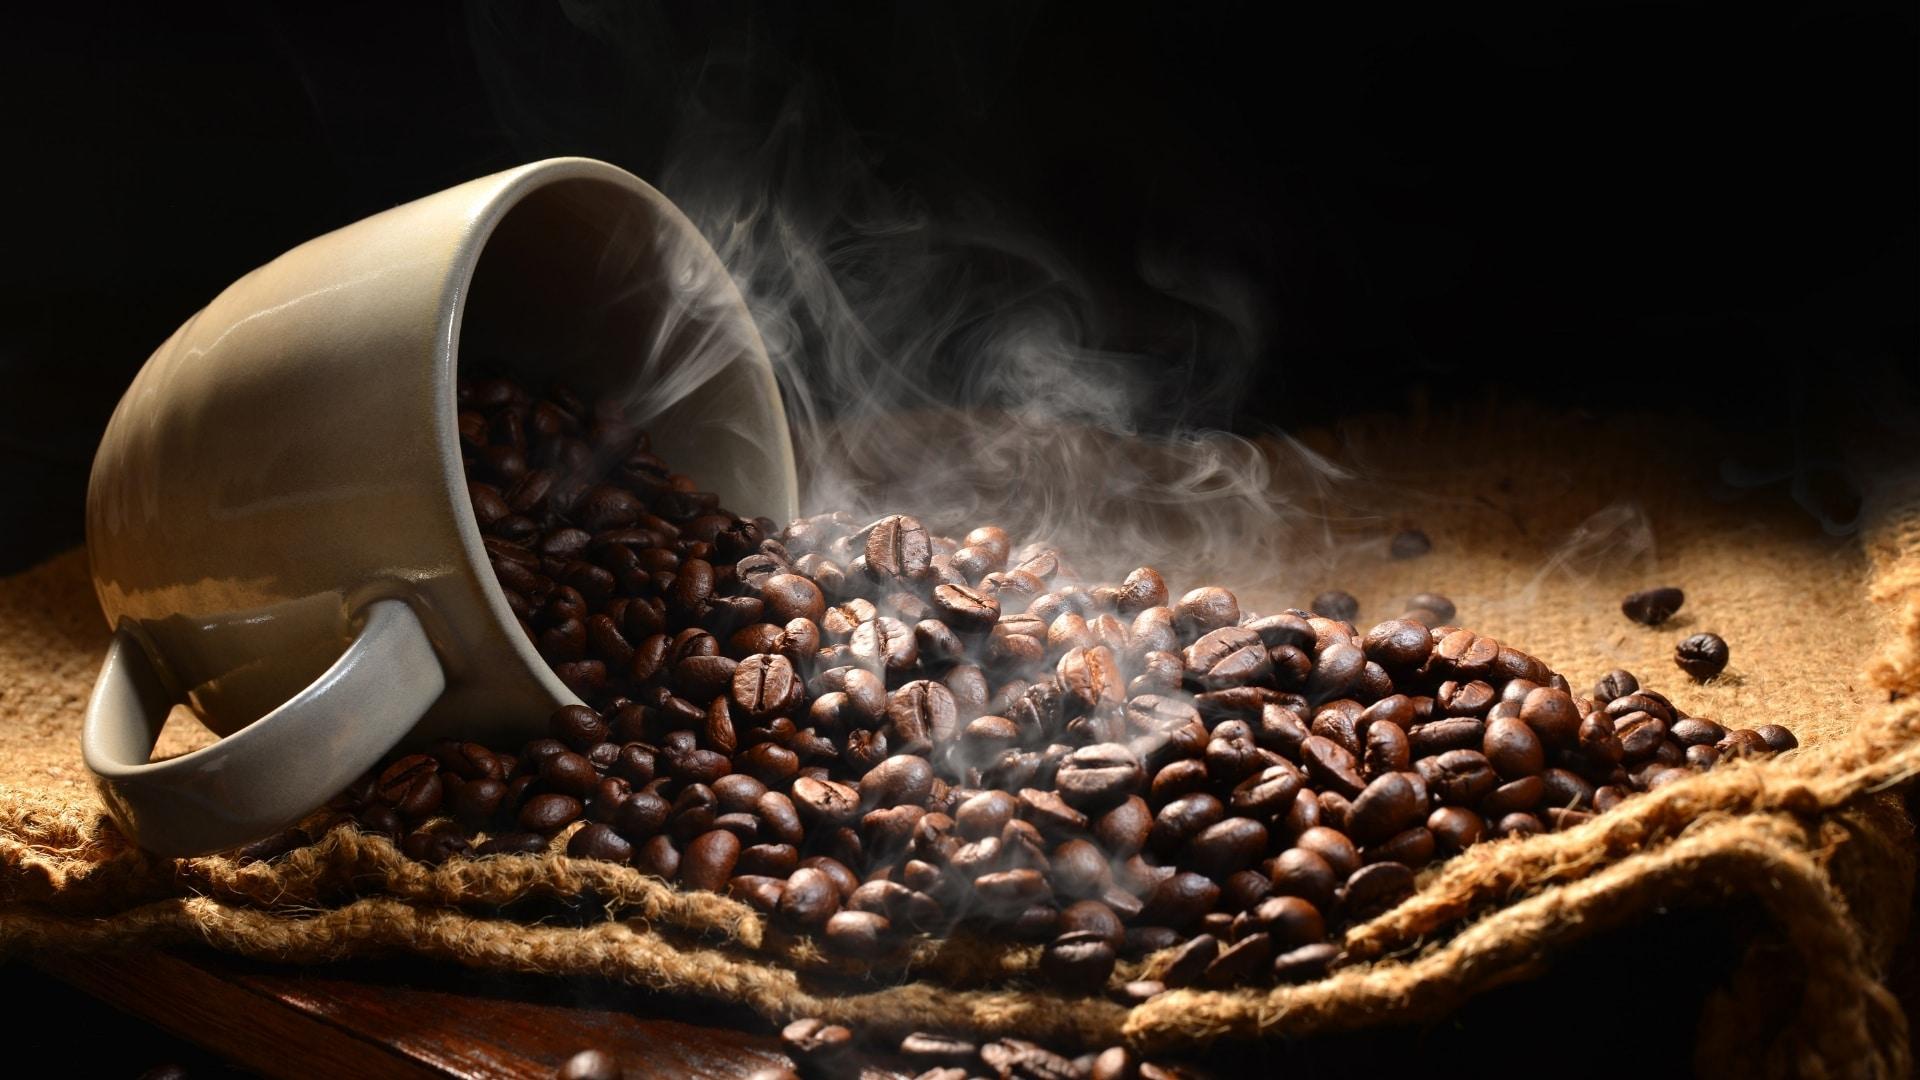 Deboprojects - koffie - bonen